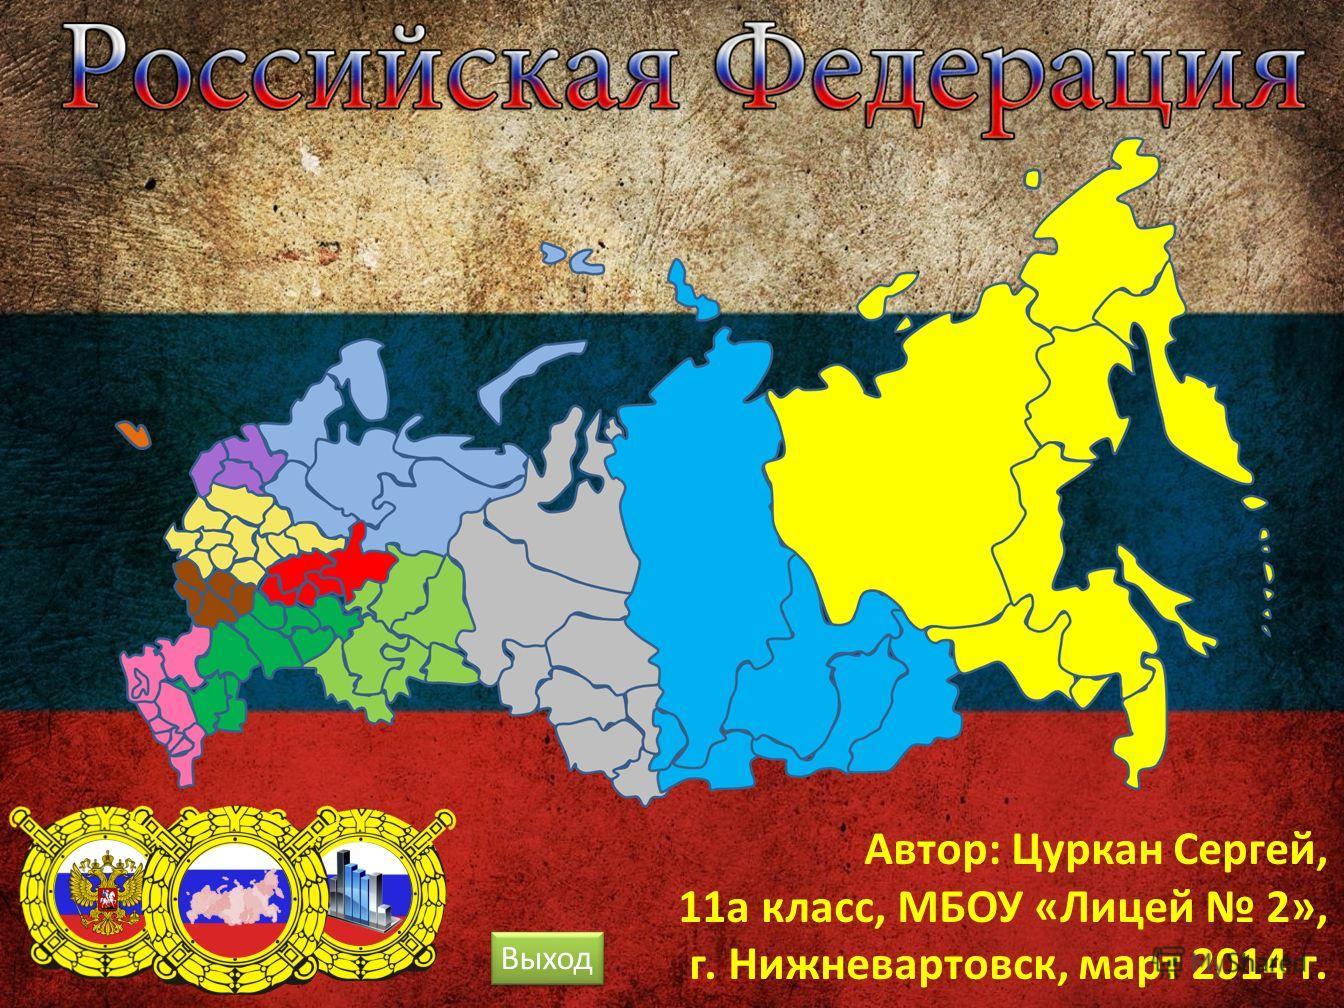 Автор: Цуркан Сергей, 11 а класс, МБОУ «Лицей 2», г. Нижневартовск, март 2014 г. Выход